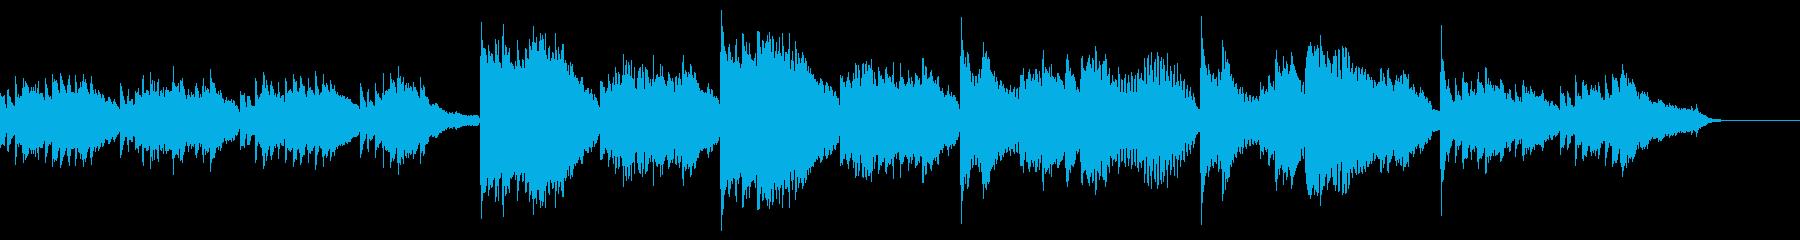 ヒーリング、心が落ち着くBGM フルートの再生済みの波形